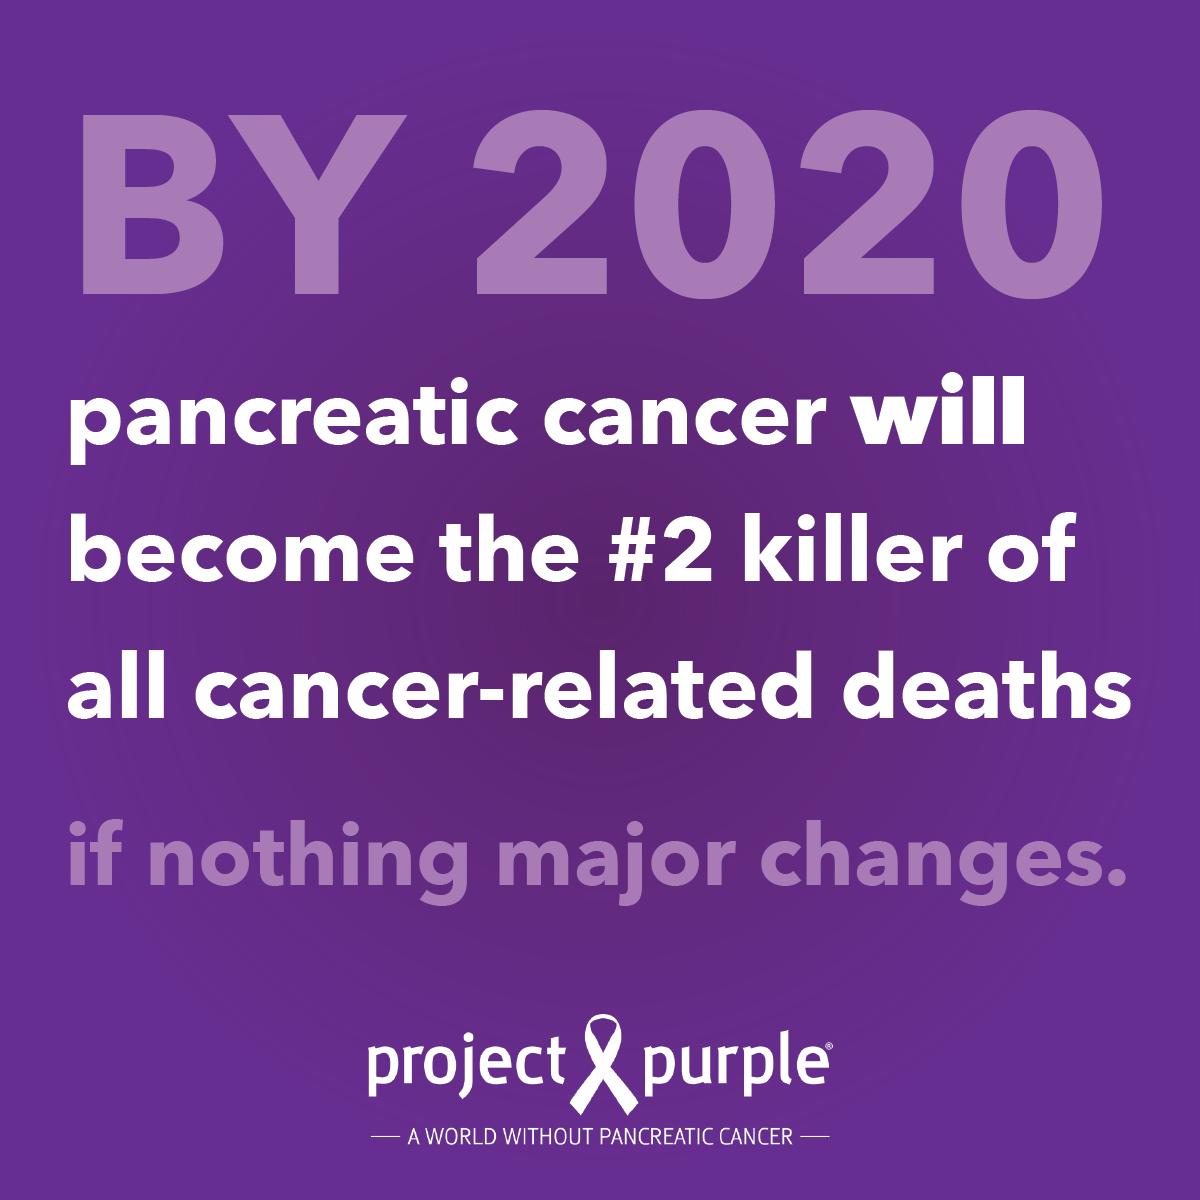 Project Purple® on Twitter: